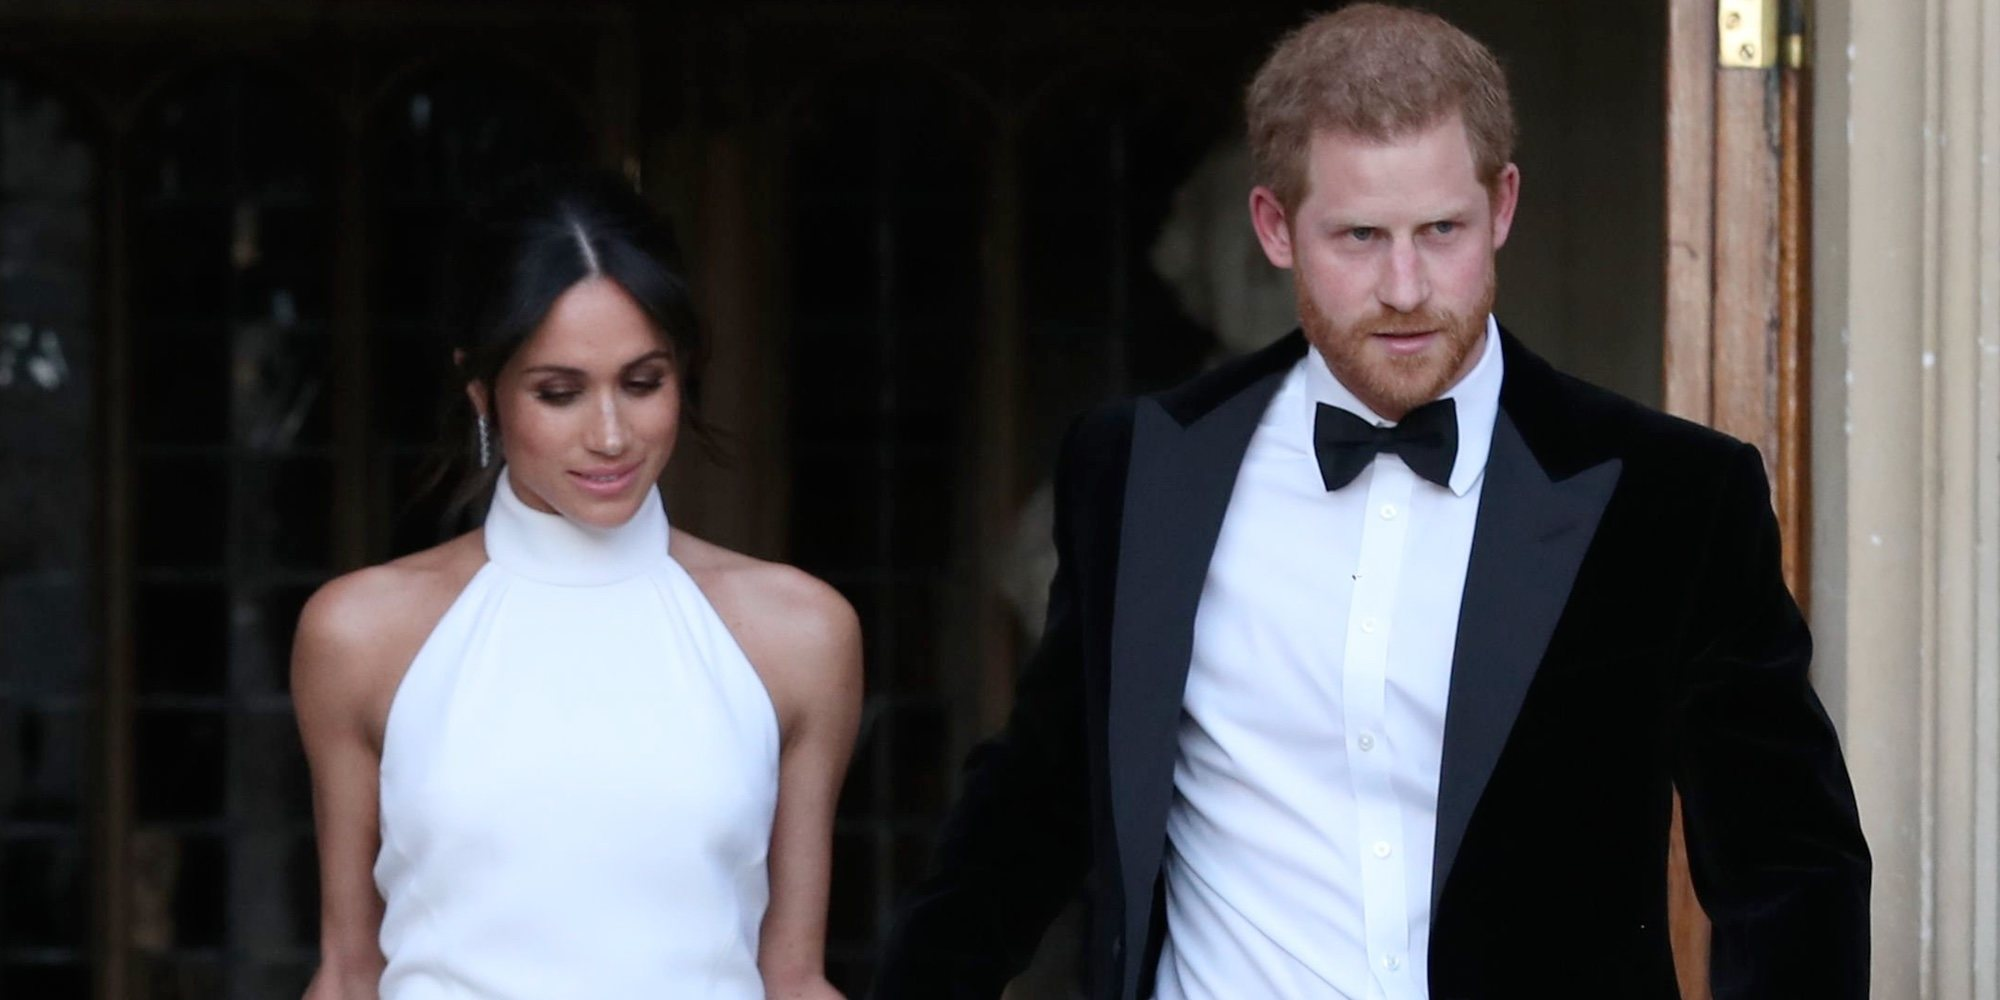 La 'venganza' de la Casa Real Británica con el Príncipe Harry y Meghan Markle utilizando una buena noticia